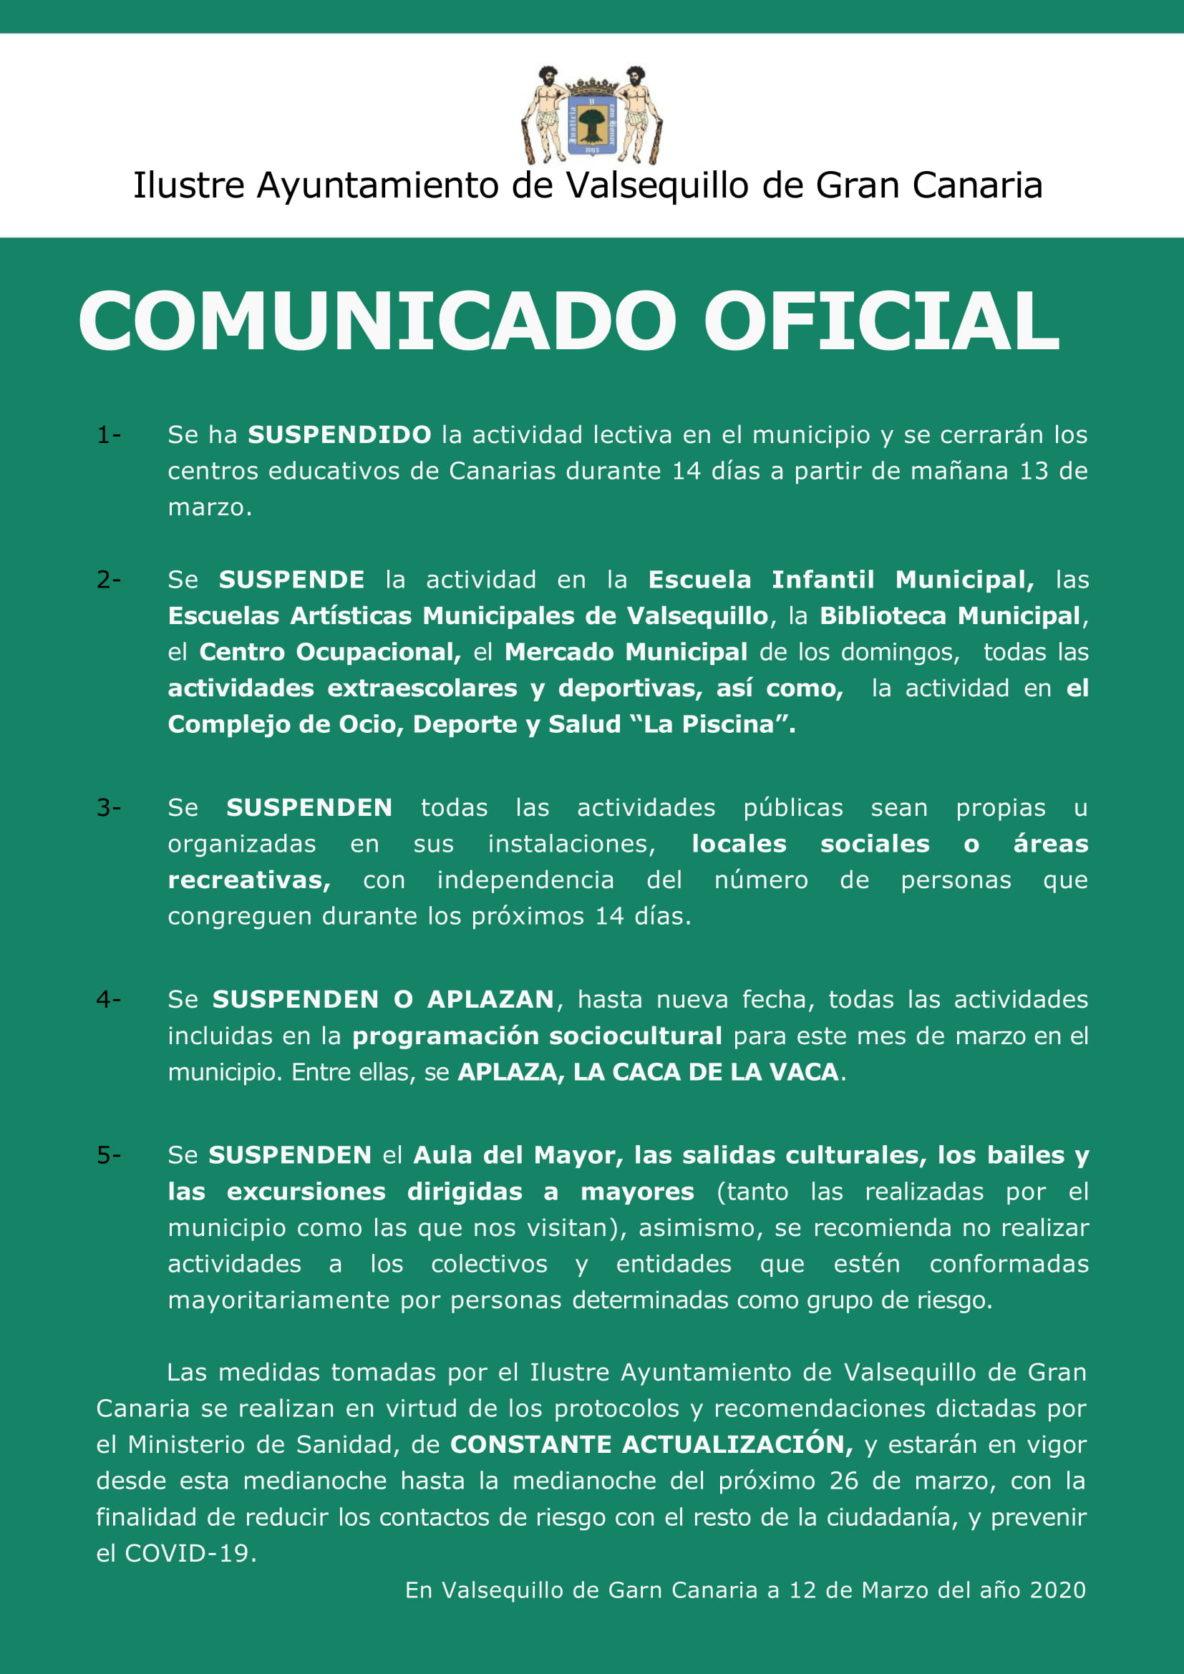 Comunicado oficial Ayuntamiento